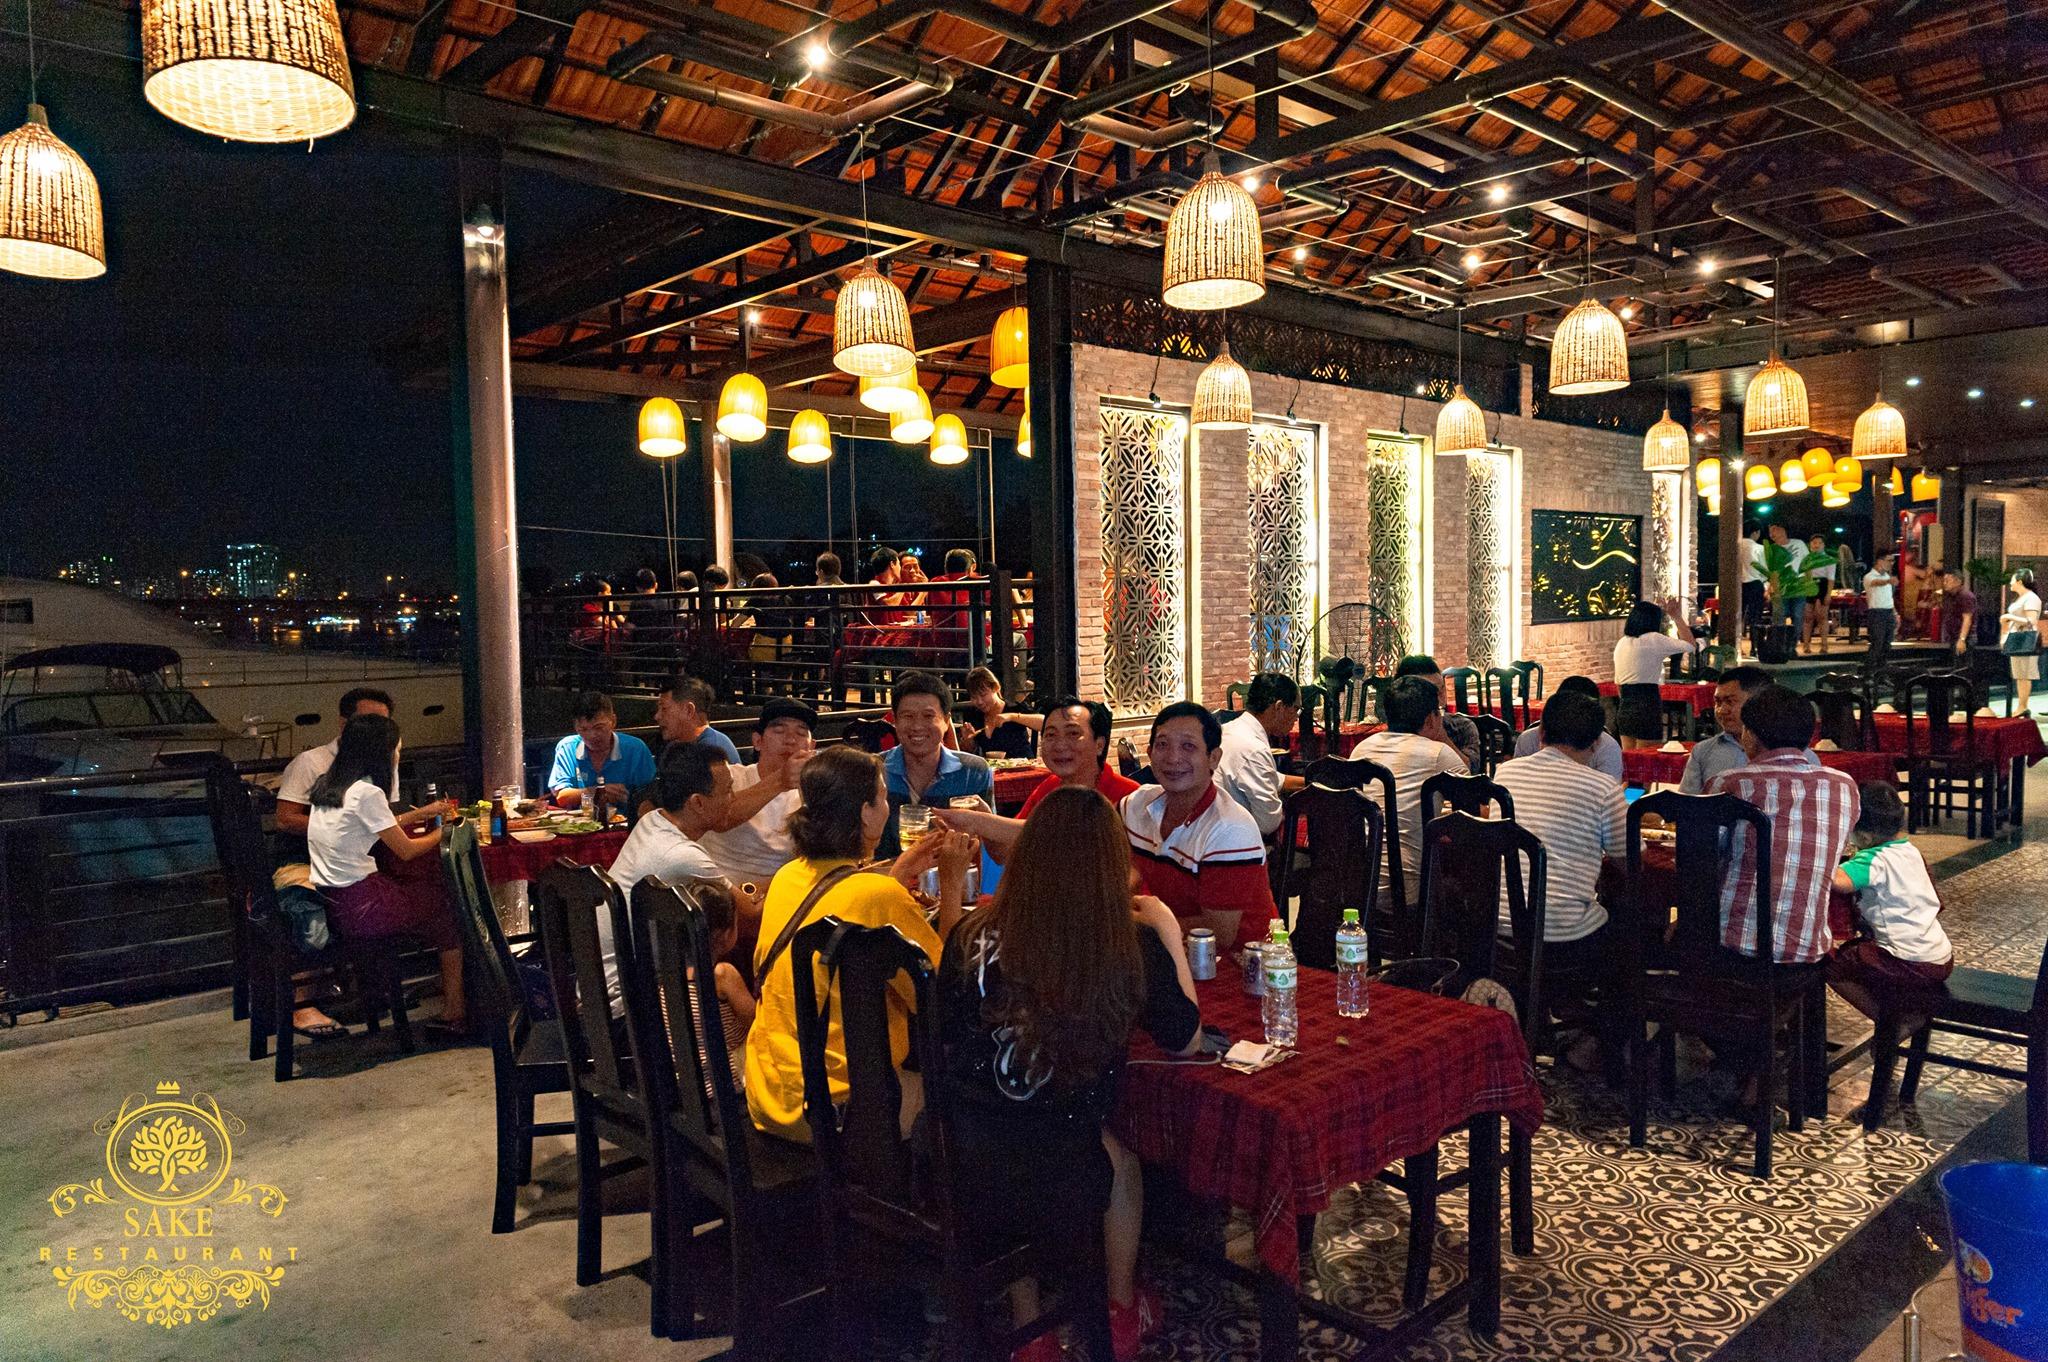 Thiết kế Nhà Hàng tại Hồ Chí Minh 2019_SAKE RESTAURANT 1595400329 13